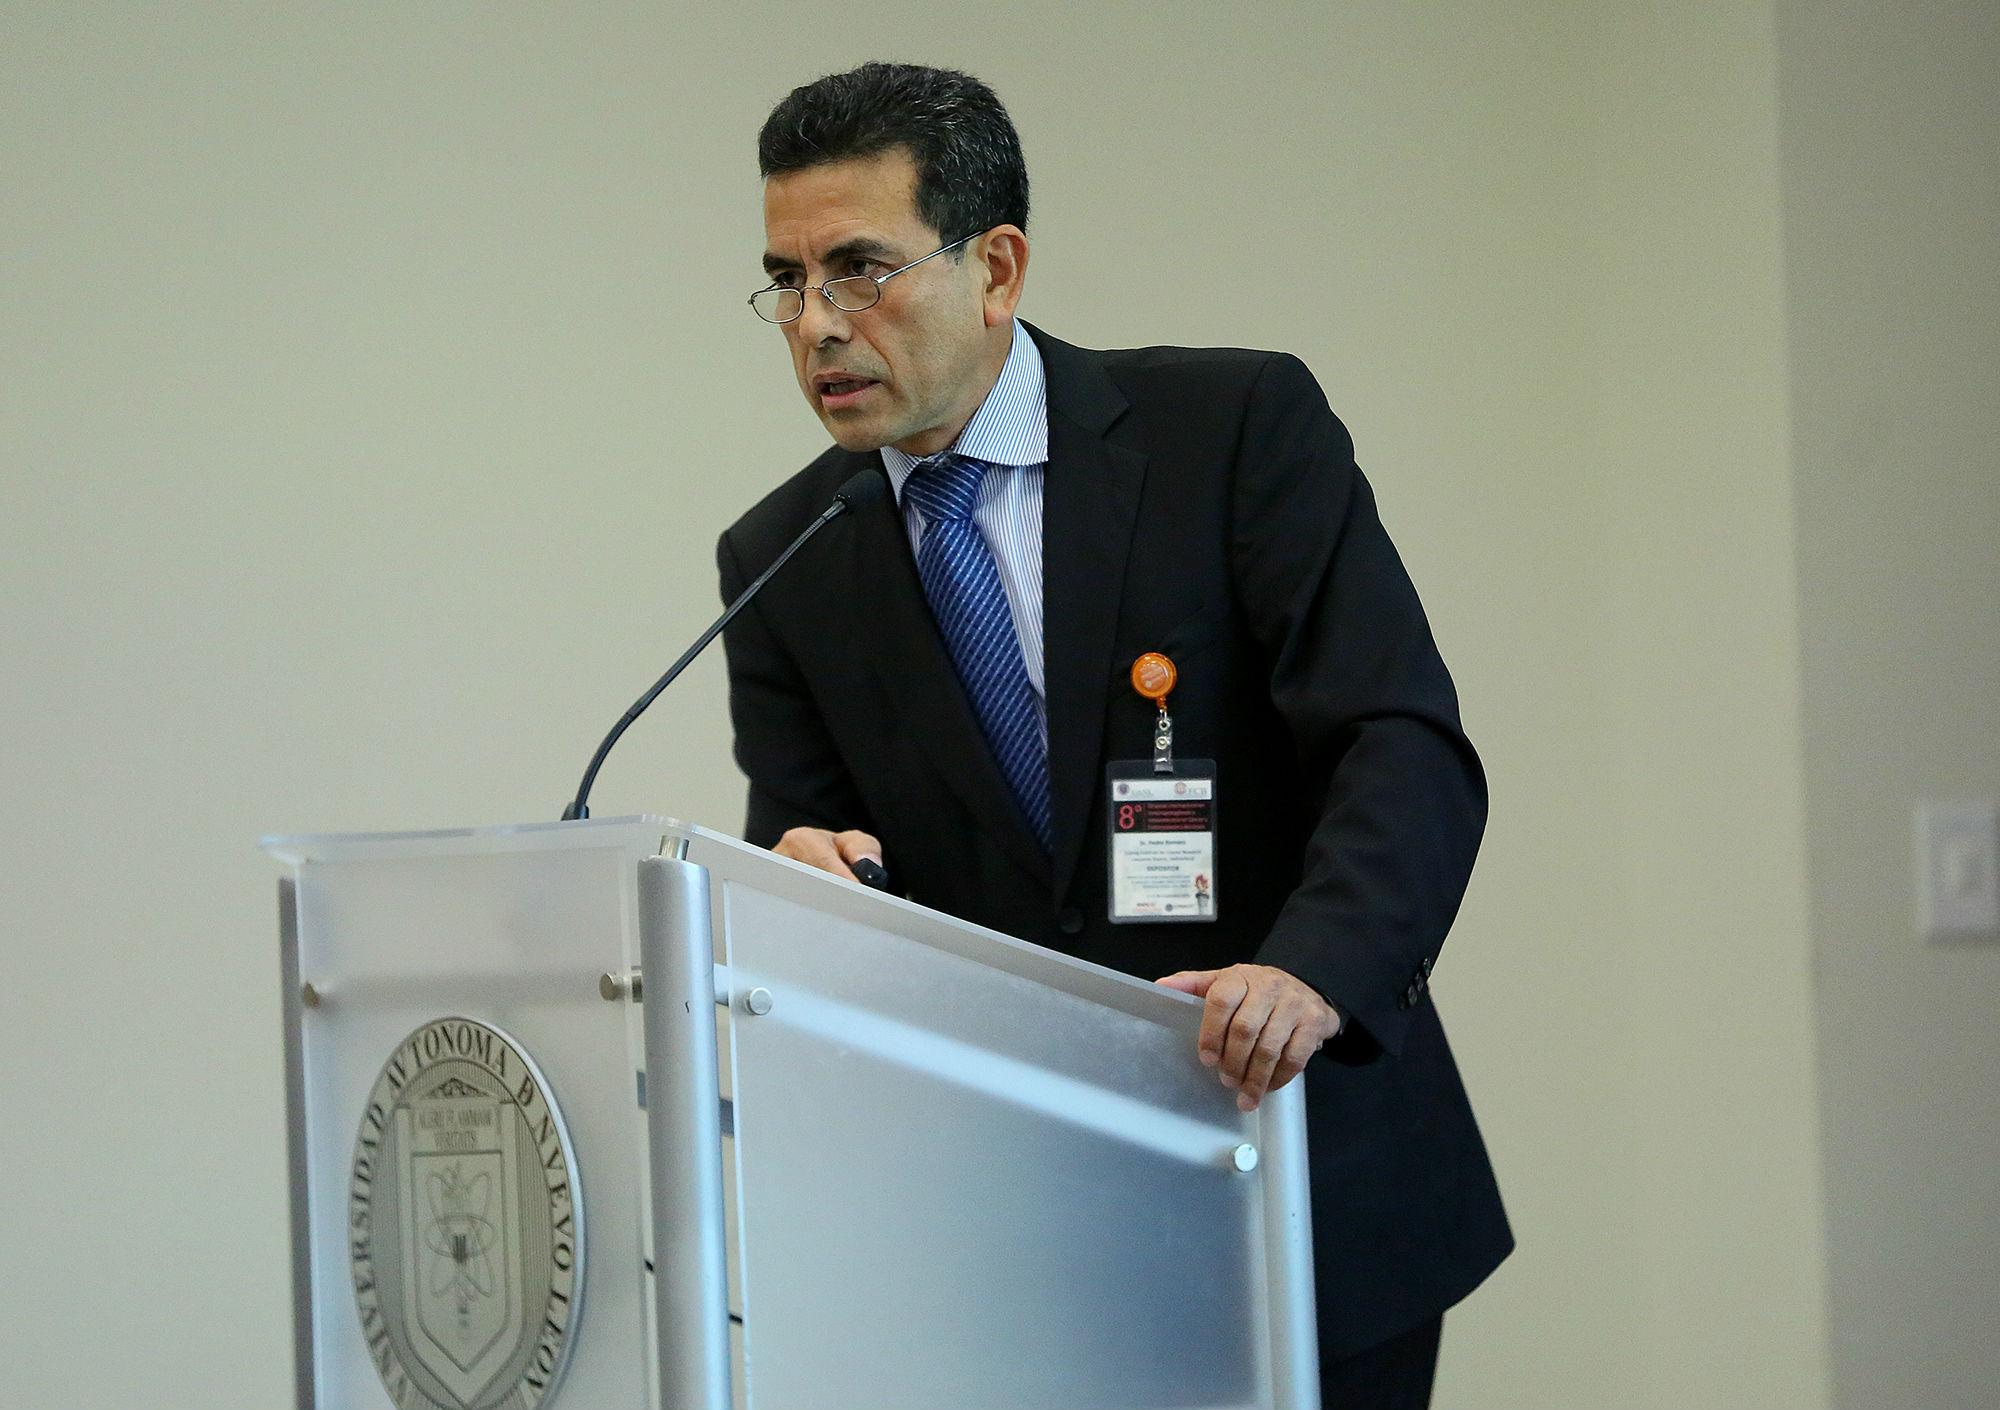 Dr. Pedro Romero, Instituto Ludwing para la Investigación del Cáncer, Lausanne, Suiza